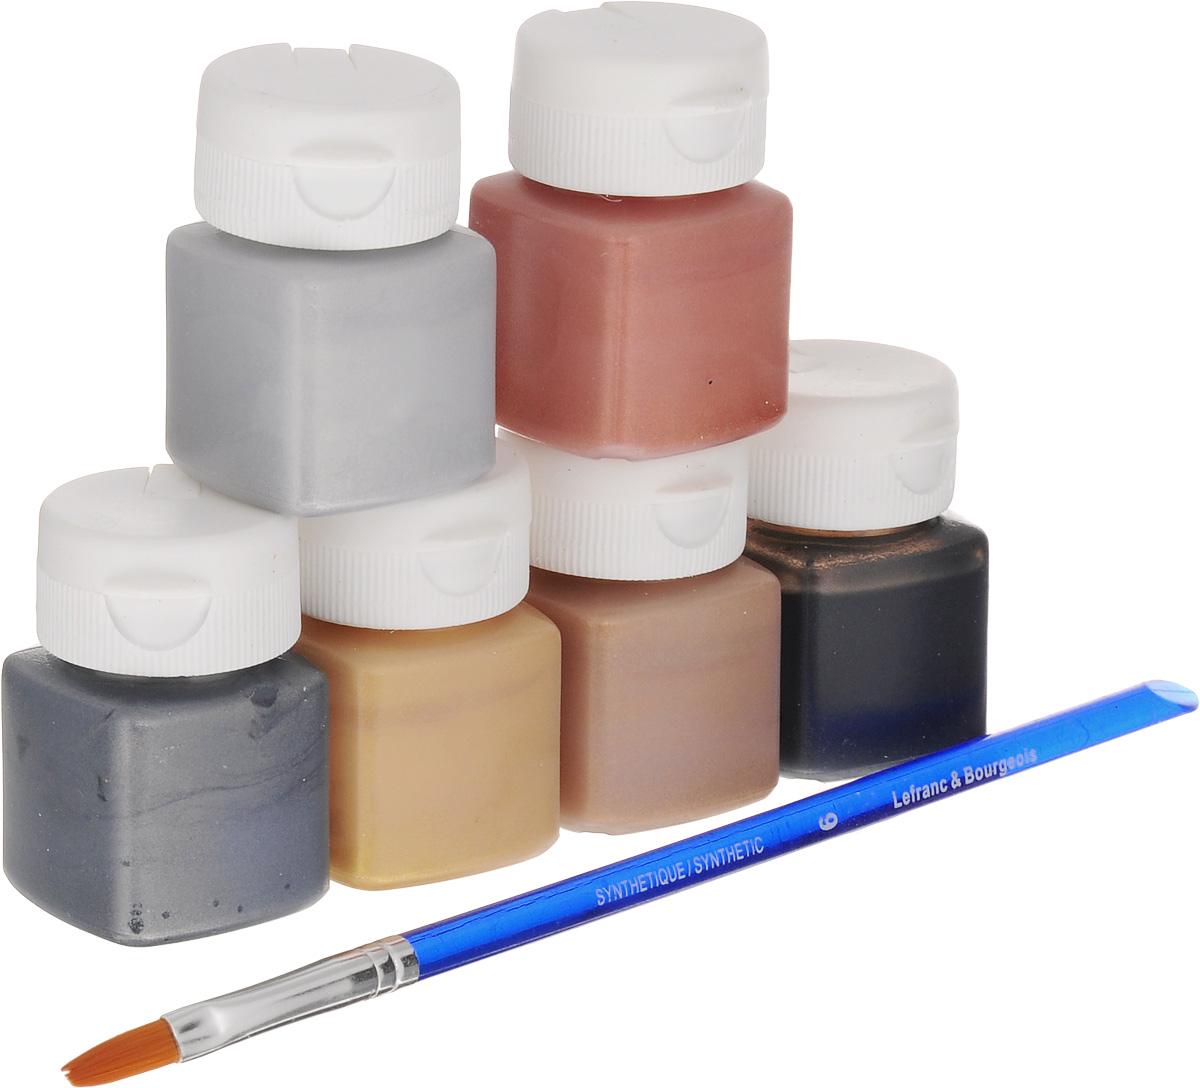 Набор акриловых красок Lefranc & Bourgeois Miss Deco Metallic, 7 предметов616001Набор Lefranc & Bourgeois Miss Deco Metallic включает 6 акриловых красок разных цветов (серебристый, золотистый, черный, медный, старое золото, оловянный) и кисть. Краски с эффектом блеска металла предназначены для художественных ремесел и хобби. Могут использоваться для окрашивания дерева, оштукатуренных поверхностей, бумаги, картона, металла, полистирола и других материалов. Достаточно нанести один слой. Объем краски: 20 мл. Количество красок: 6 шт. Длина кисти: 19 см.